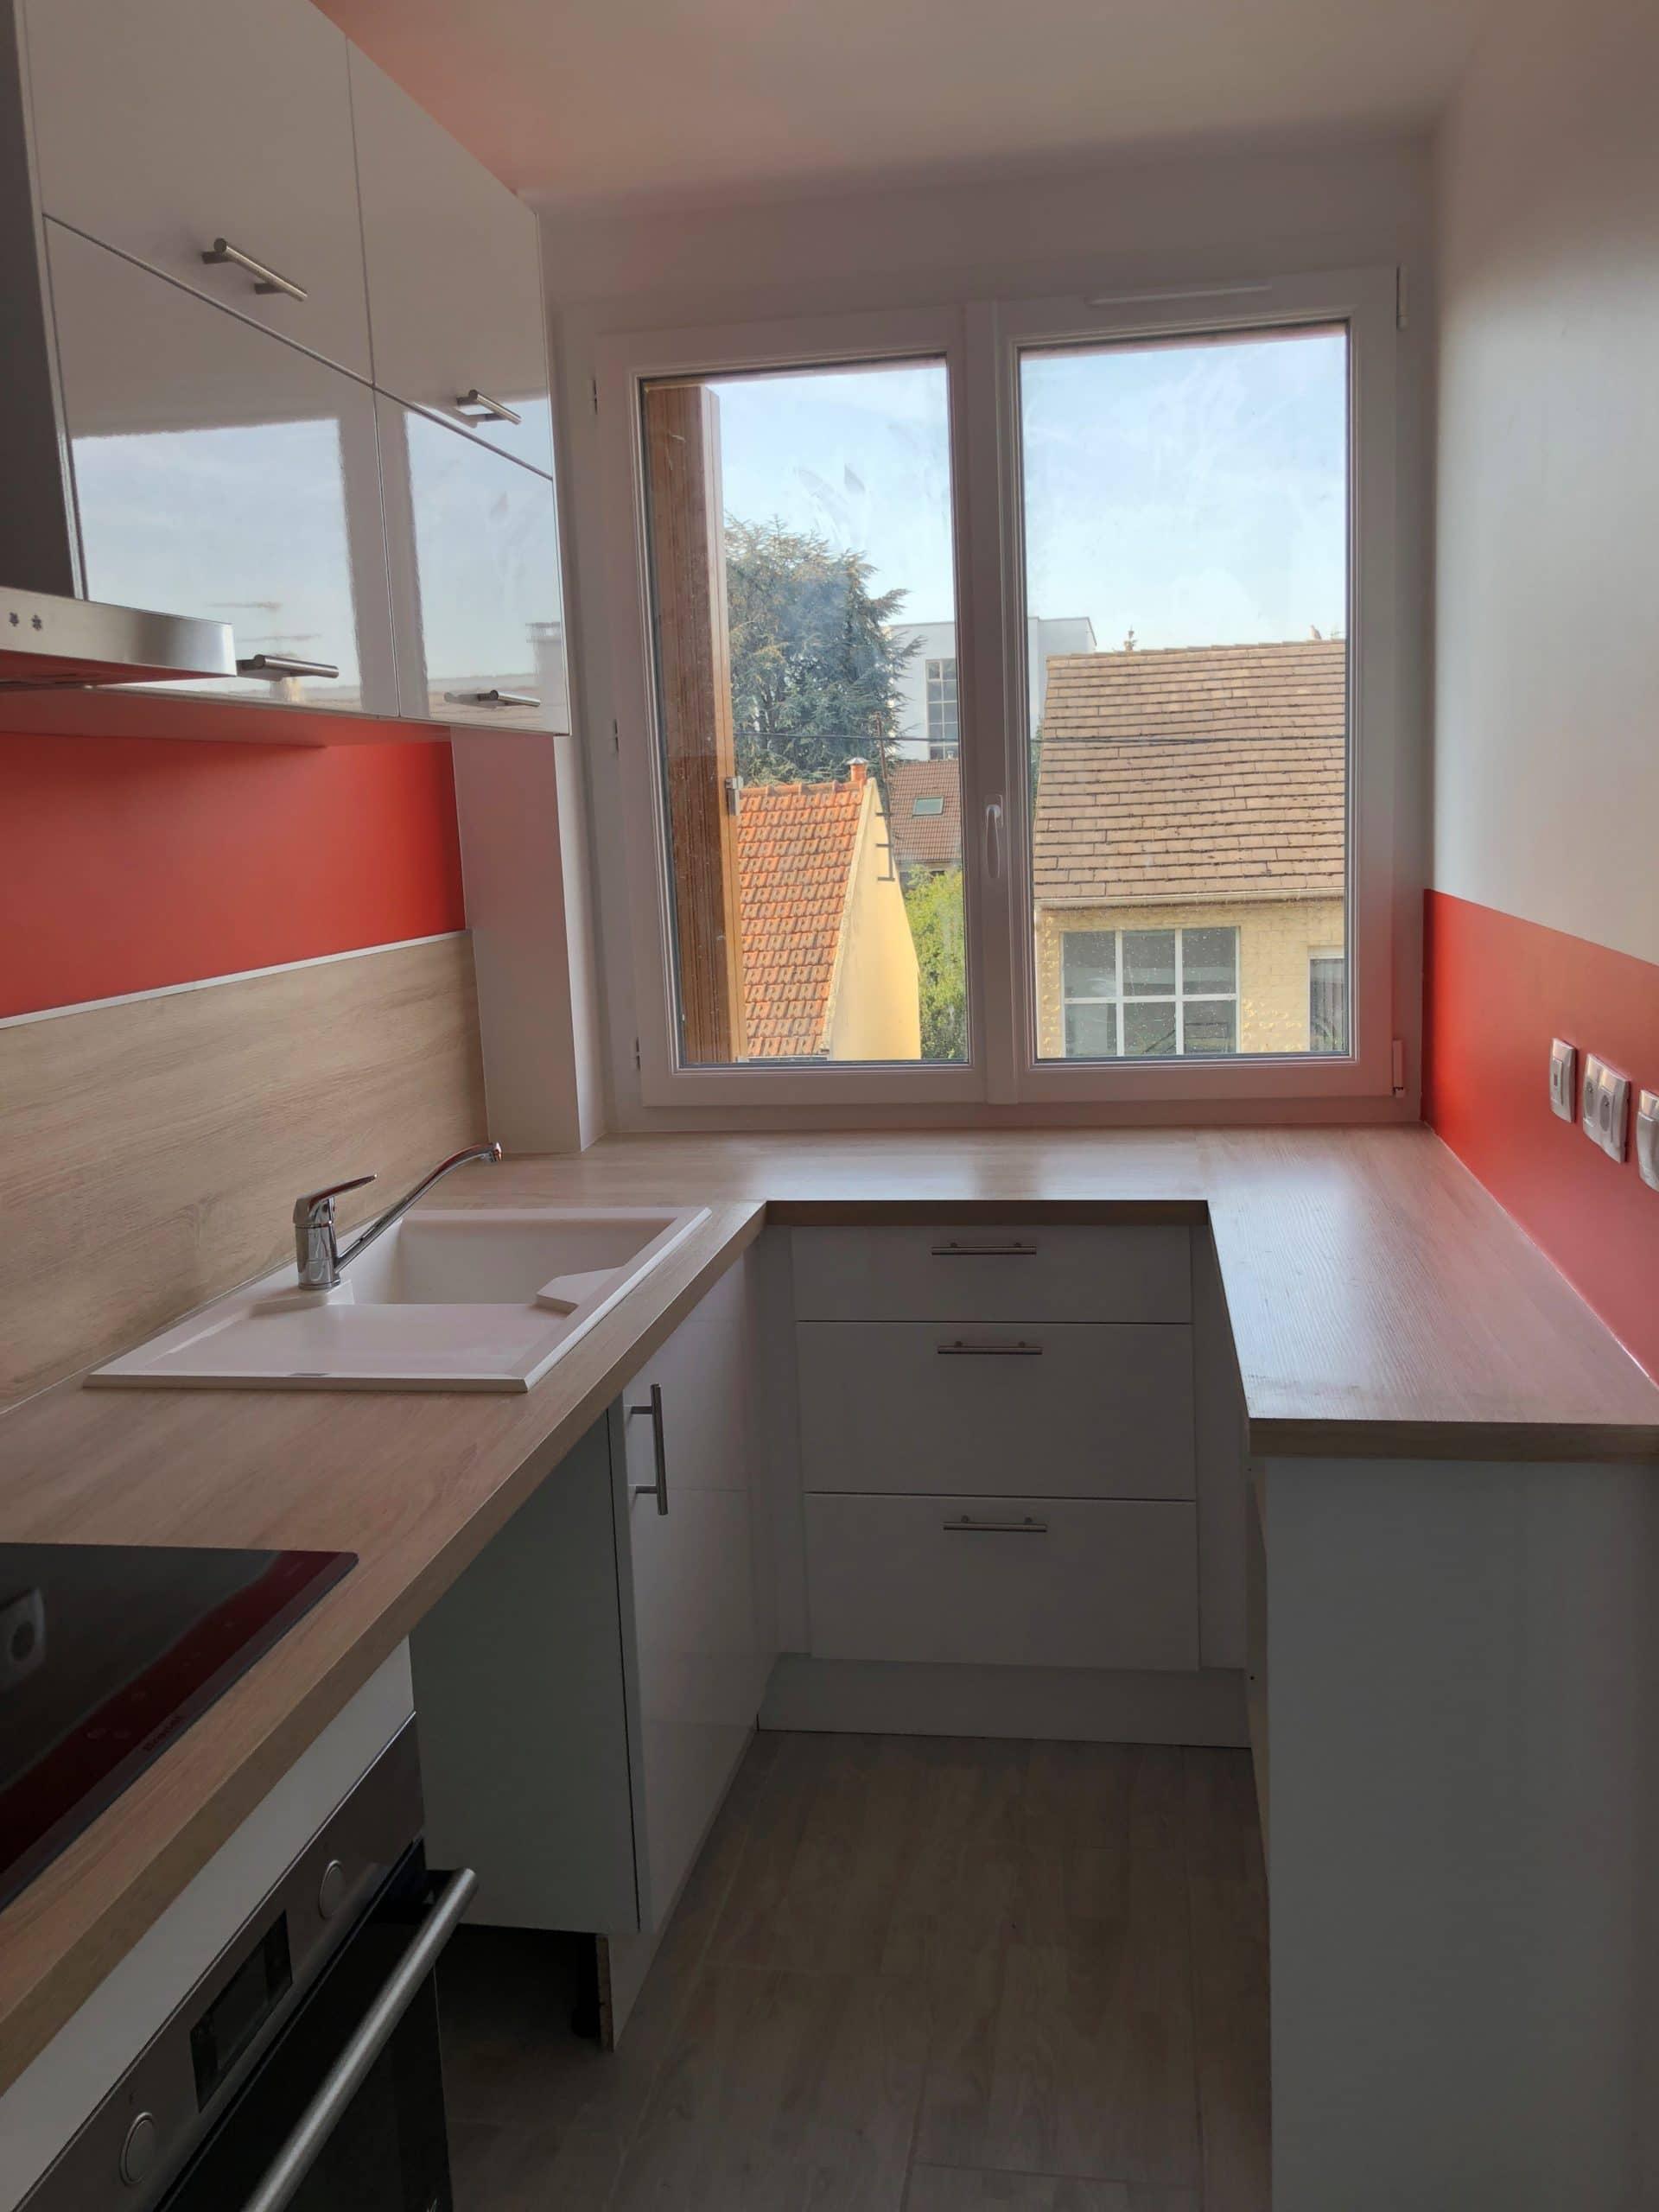 Rénovation d'un appartement à Maisons-Alfort (94)